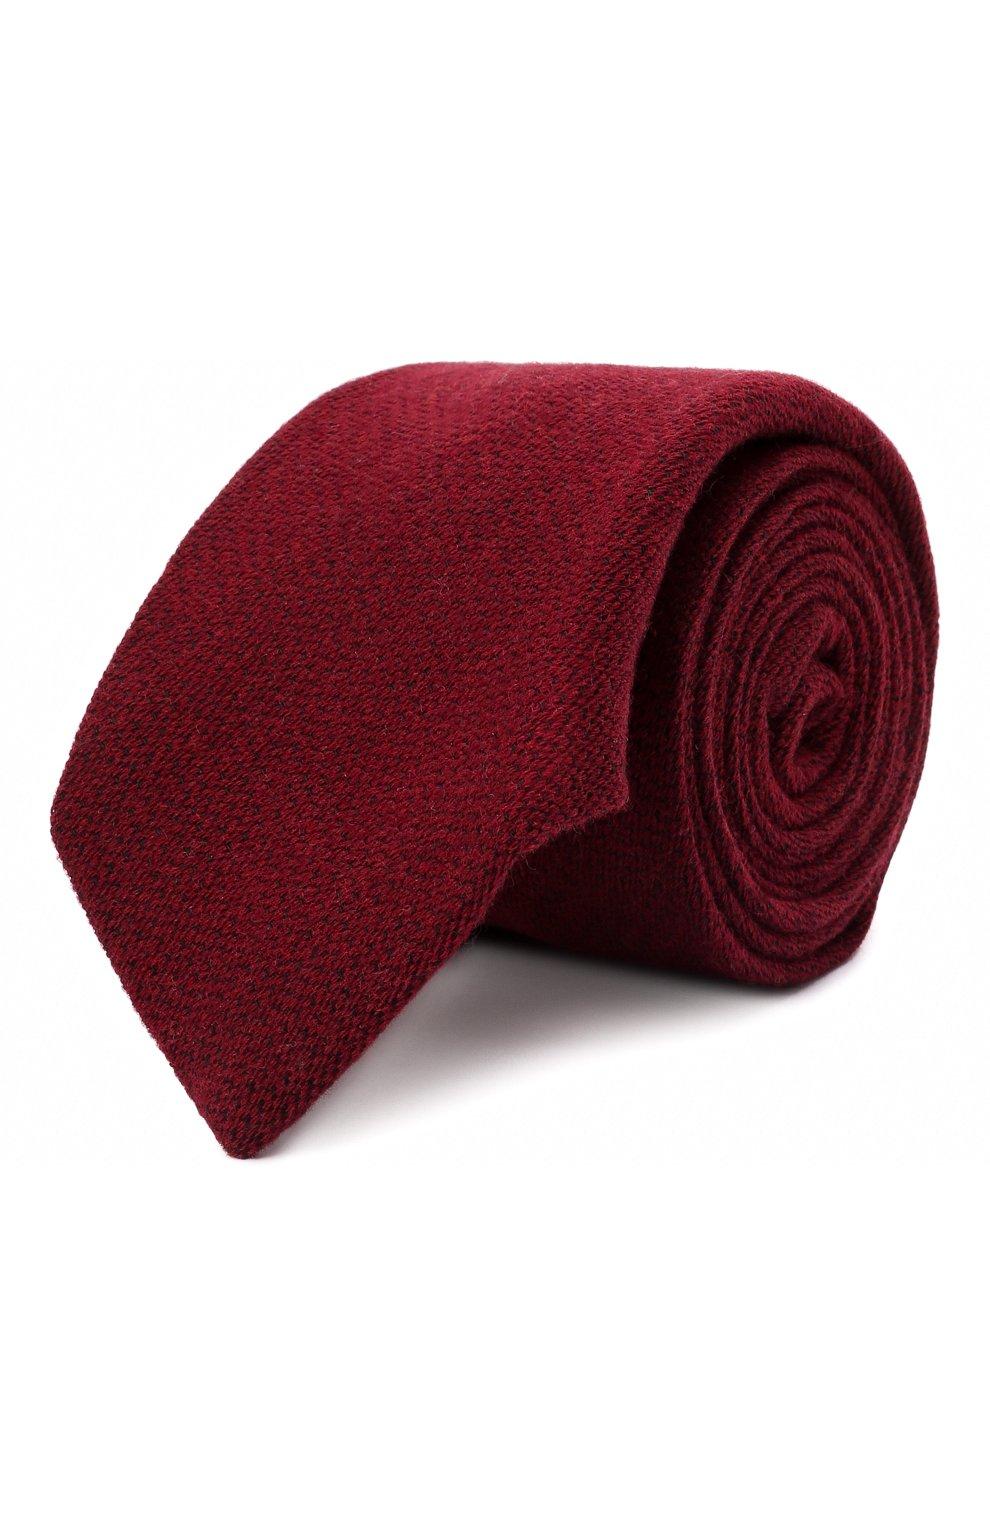 Мужской галстук из шерсти и шелка LUIGI BORRELLI бордового цвета, арт. CR361134 | Фото 1 (Принт: Без принта; Материал: Шерсть)